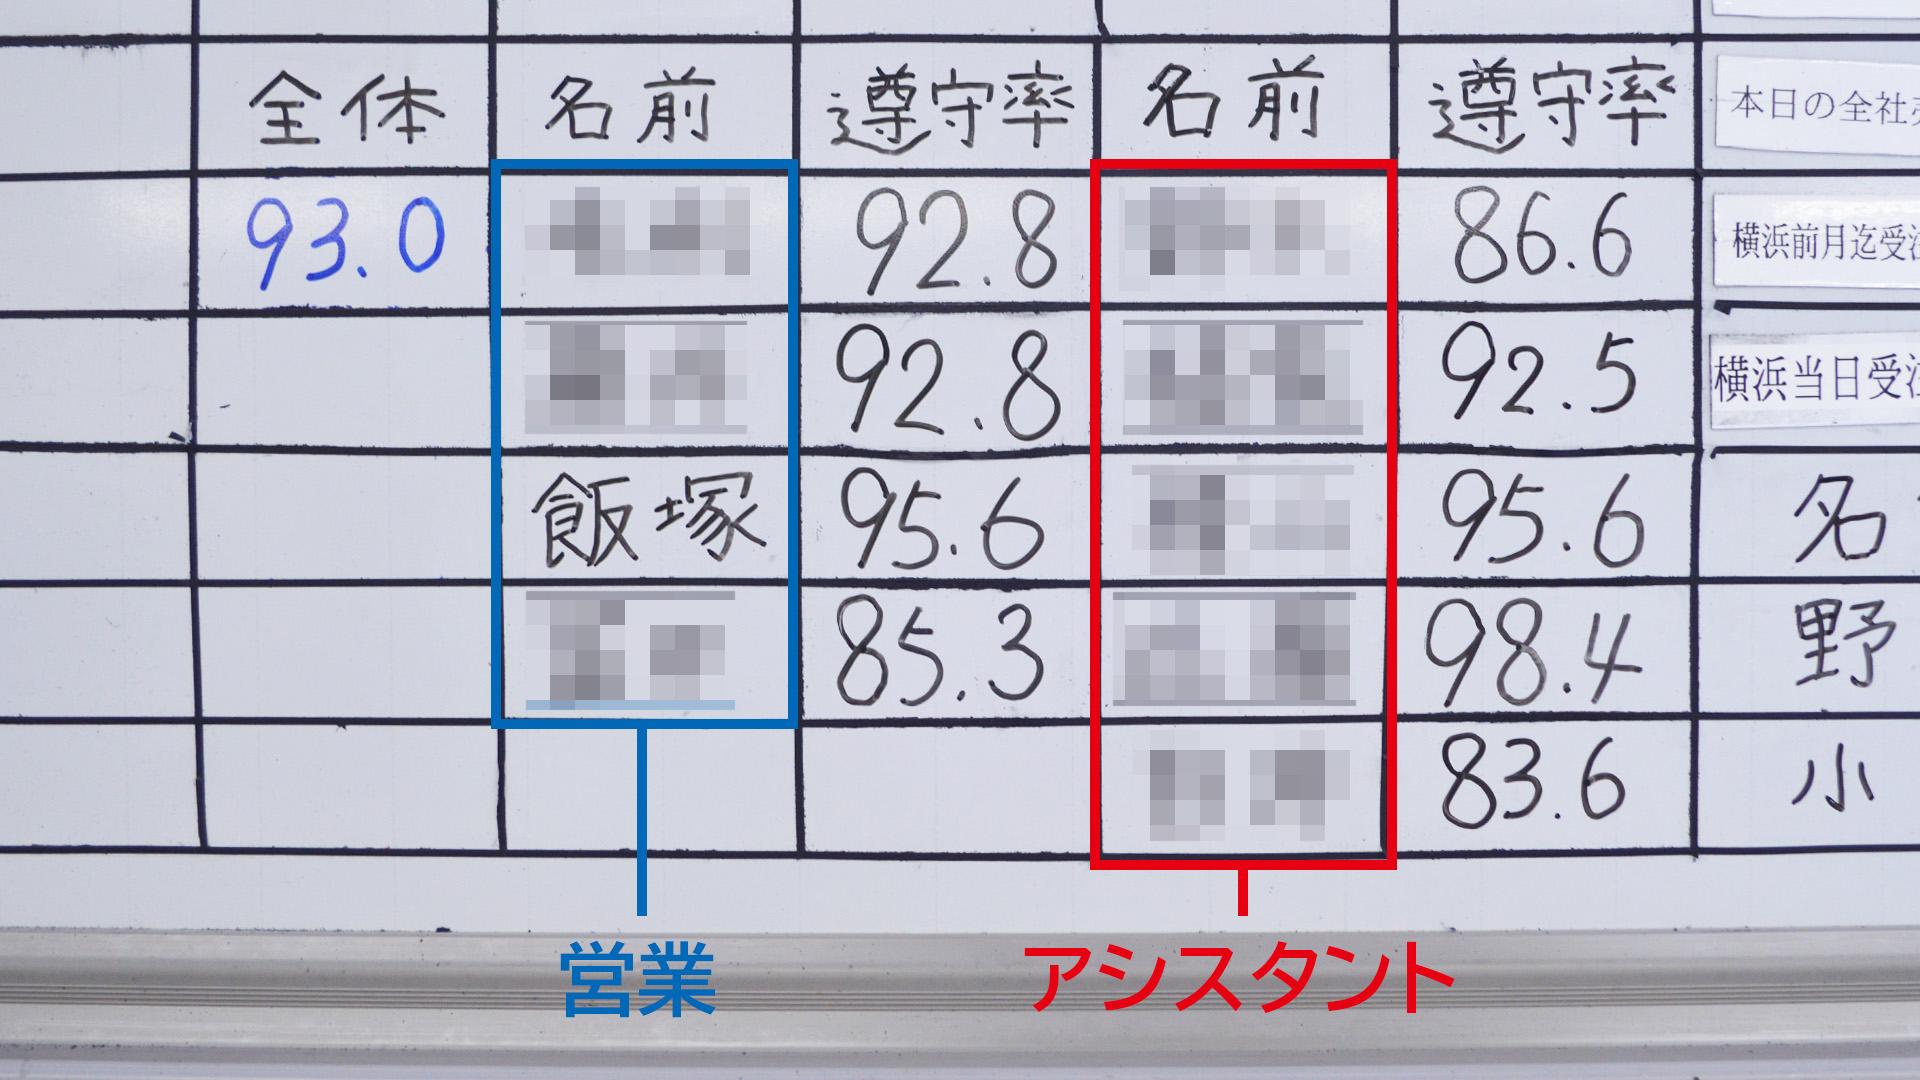 横浜営業課の納期遵守率